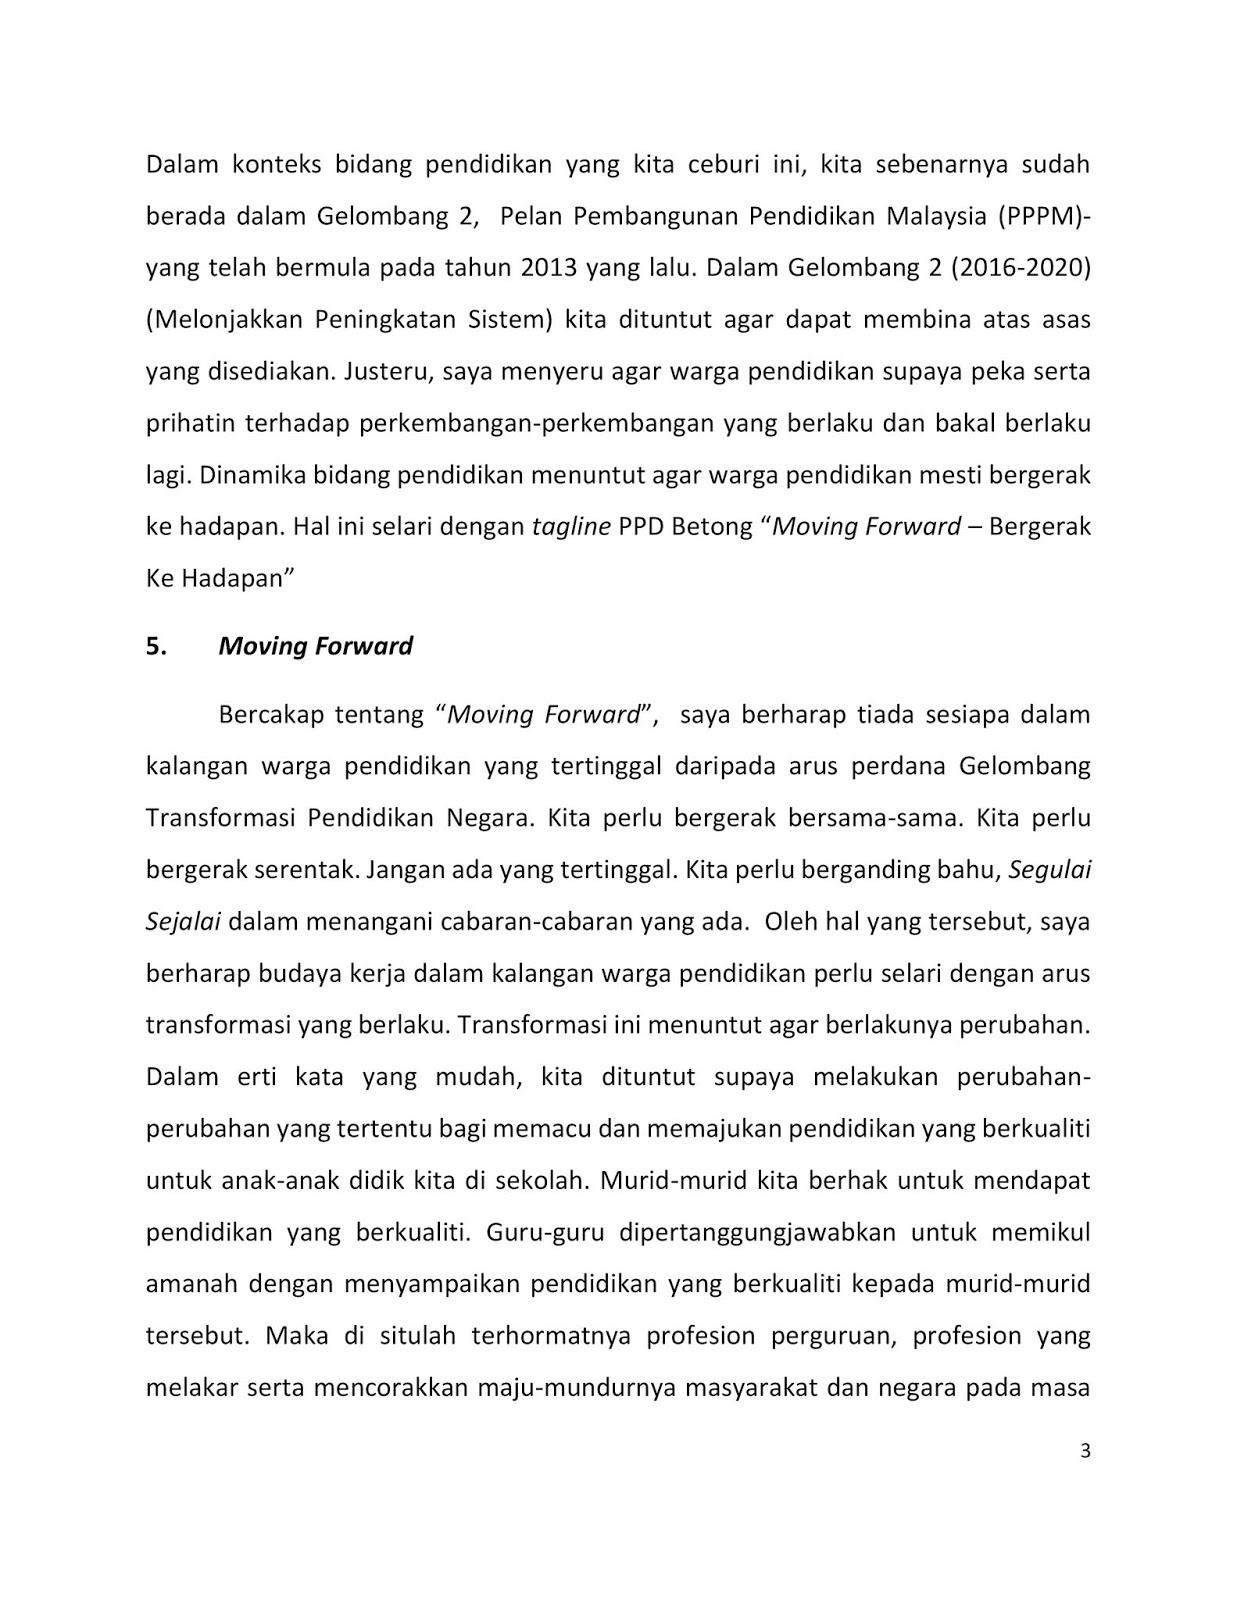 Buletin Ppd Betong Teks Ucapan Ybrs Pegawai Pendidikan Daerah Betong Sempena Majlis Anugerah Perkhidmatan Cemerlang Apc Pejabat Pendidikan Daerah Betong Tahun 2018